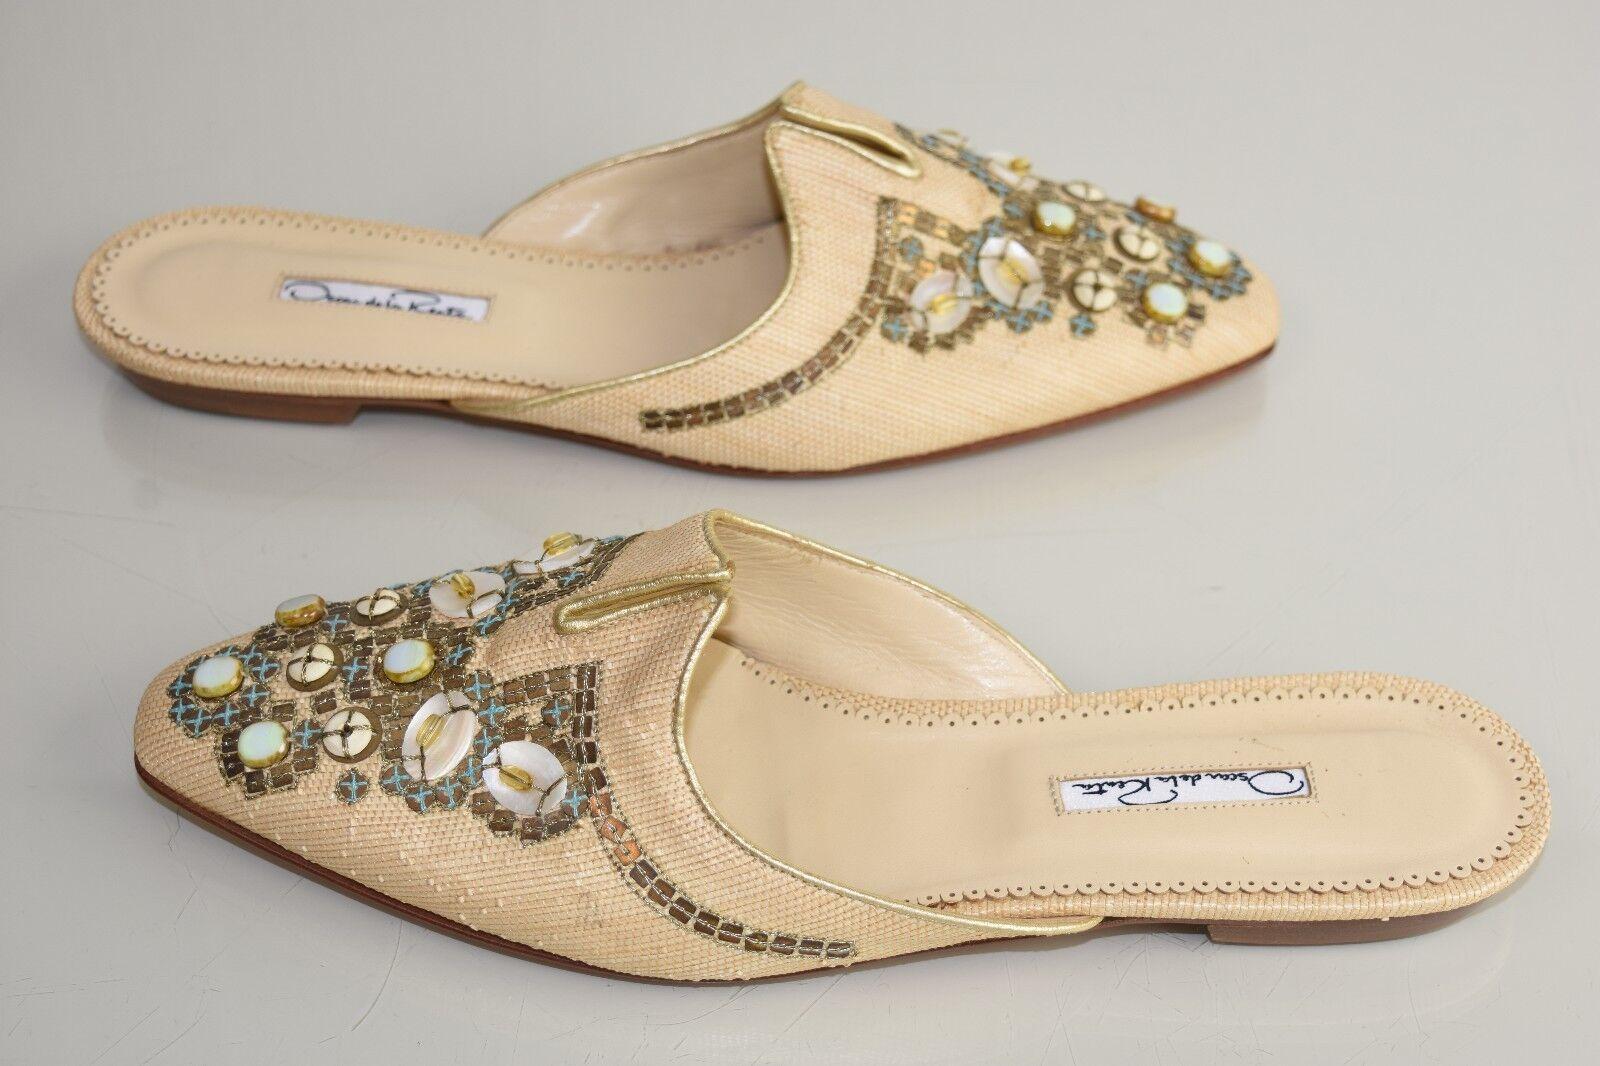 NEW Oscar de la Renta Mules Flats BEADED Beige Raffia Straw Sequins shoes 40.5